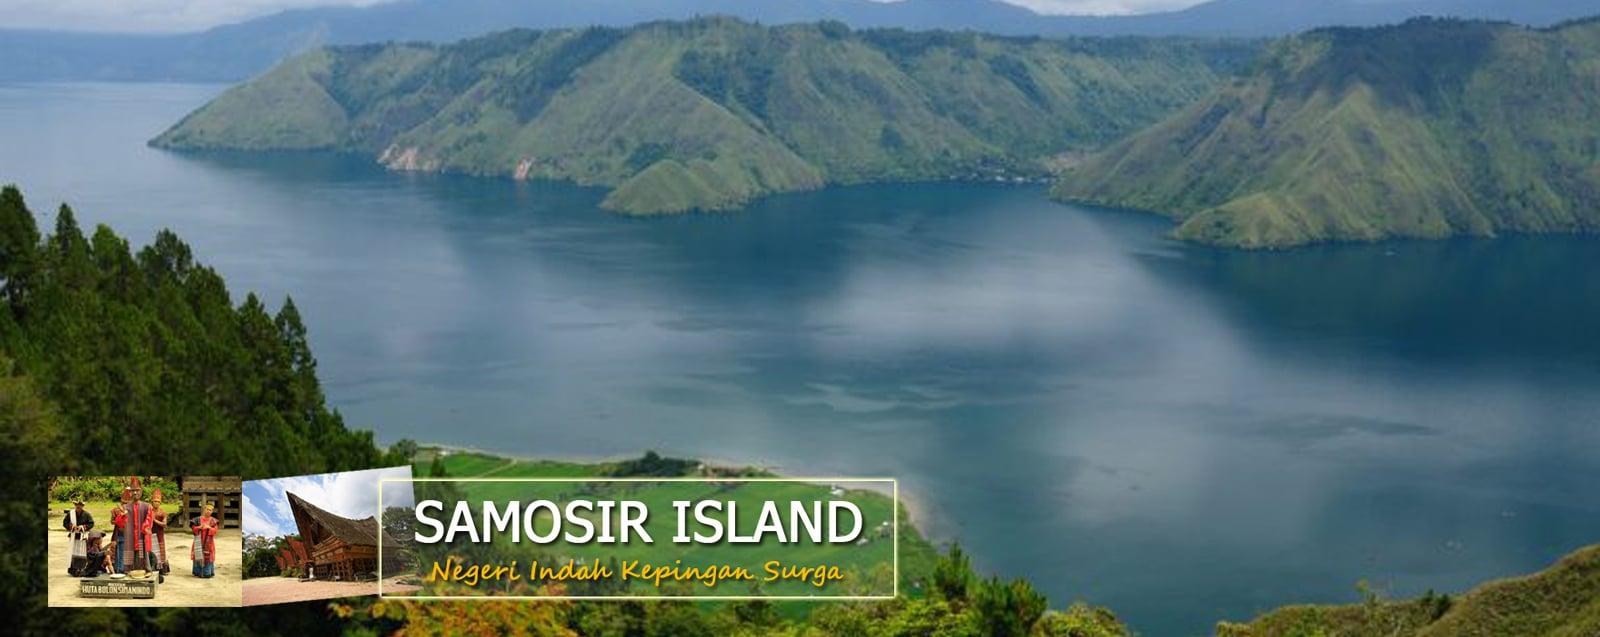 Siapa yang bisa membantah keindahan wisata alam di Sumatera Utara seperti Pulau Samosir misalnya? Pastinya tidak ada satupun karena memang objek wisata yang disuguhkan benar benar memikat hati.